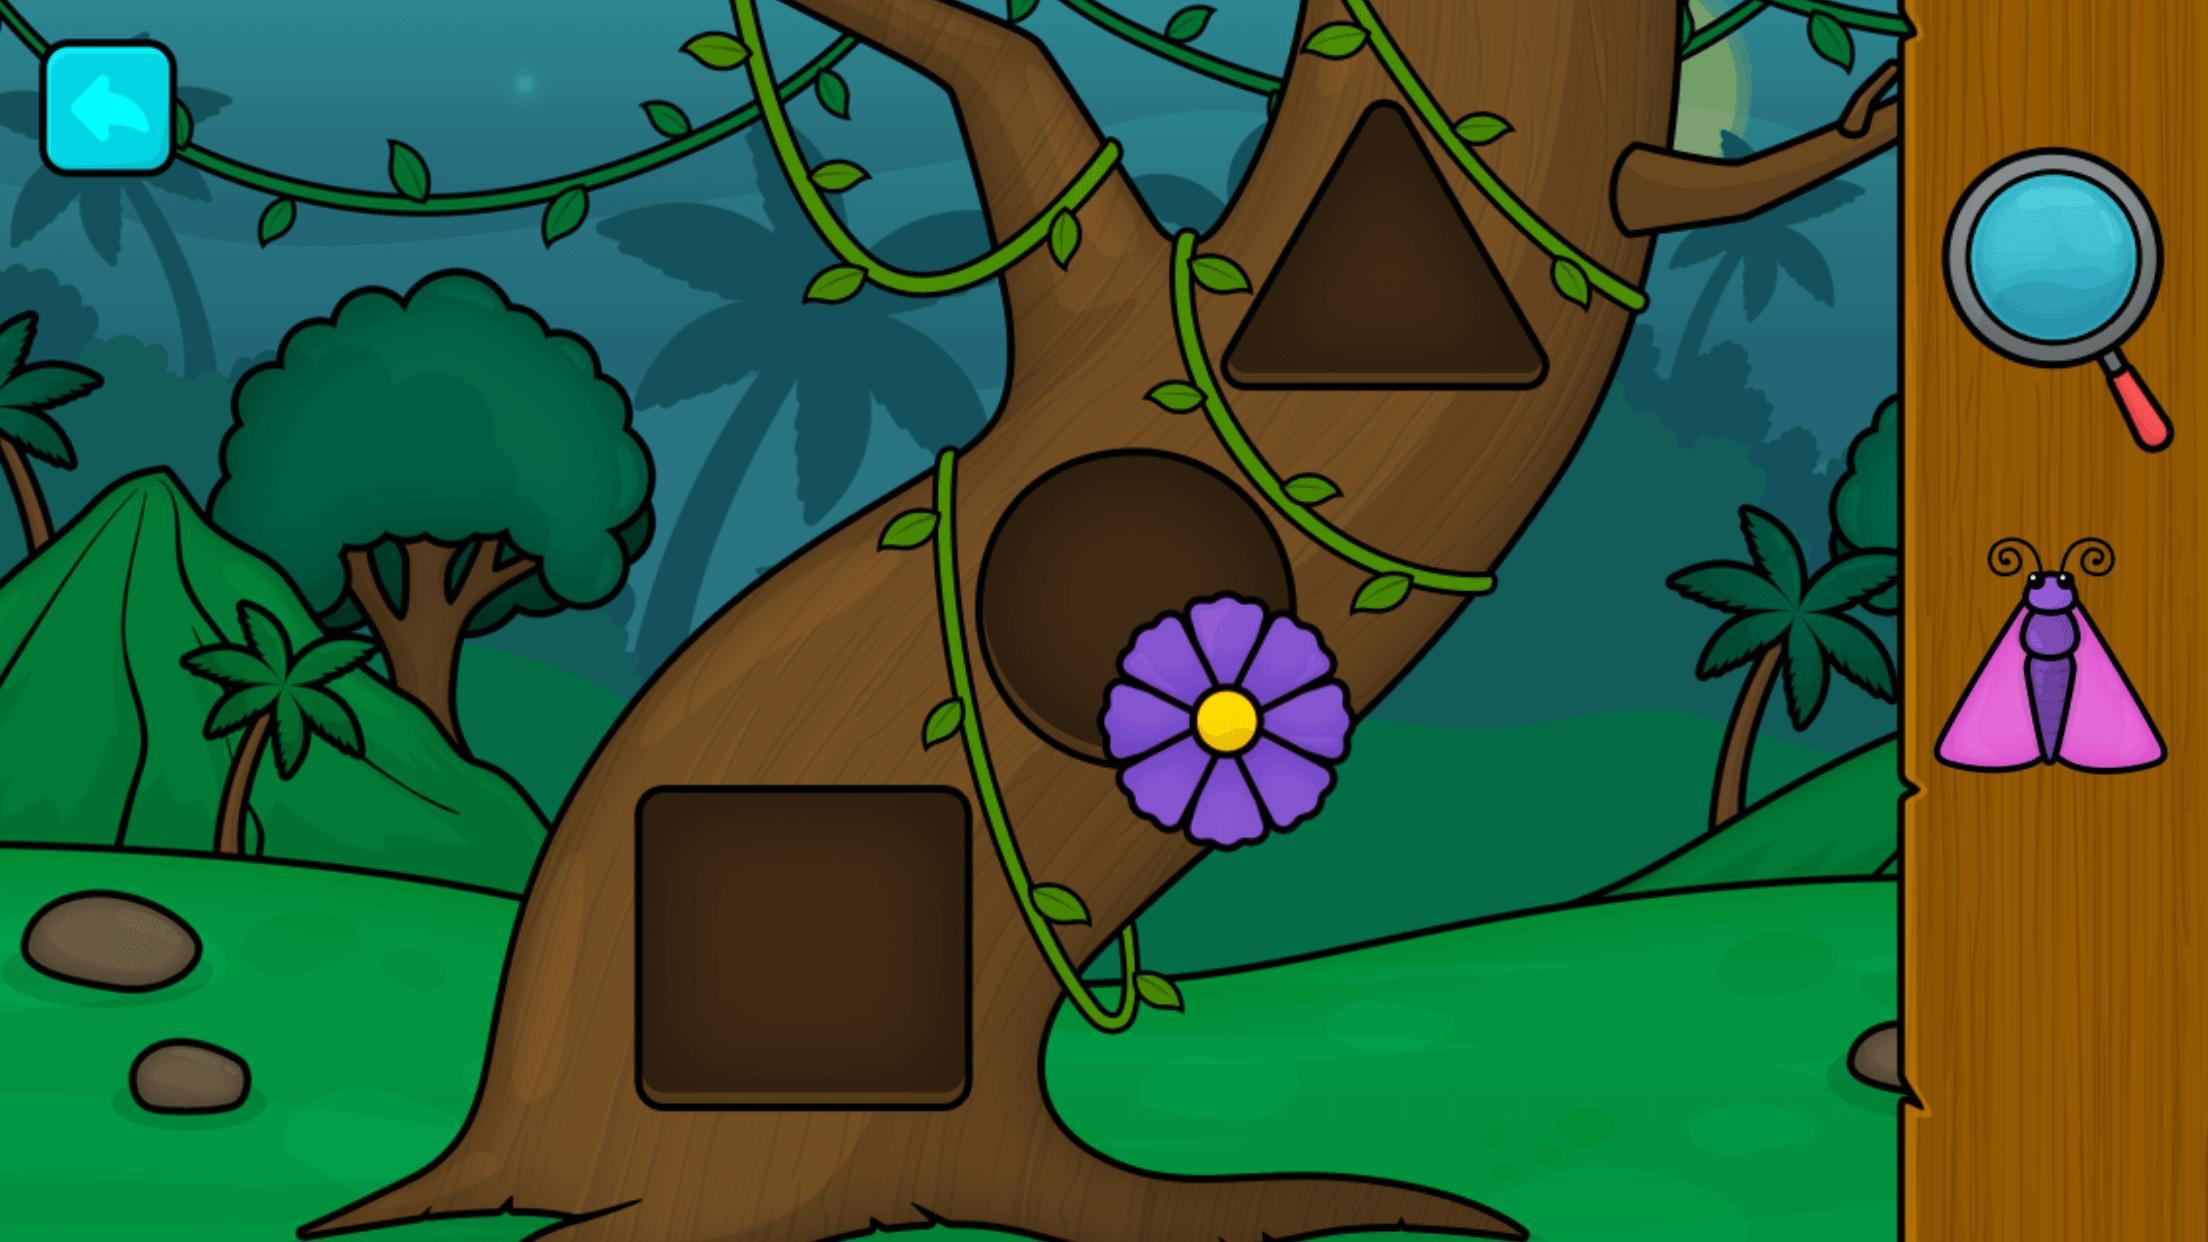 Jeux Pour Enfants 2 - 5 Ans Pour Android - Téléchargez L'apk tout Jeux Pour Petit Garcon De 3 Ans Gratuit